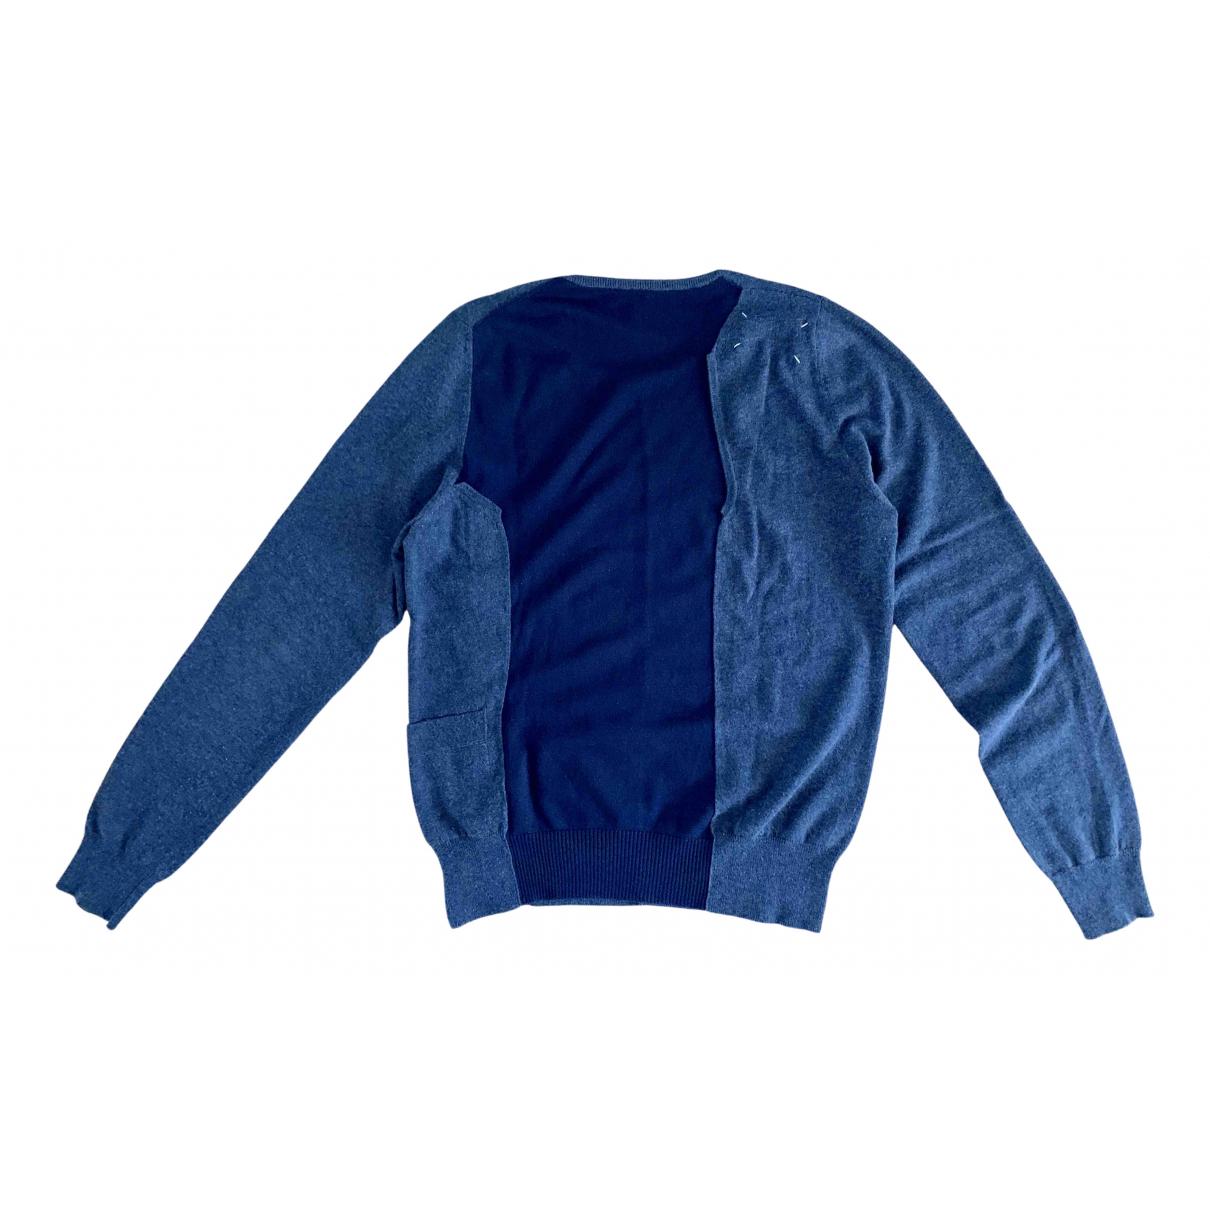 Maison Martin Margiela \N Pullover.Westen.Sweatshirts  in  Blau Wolle